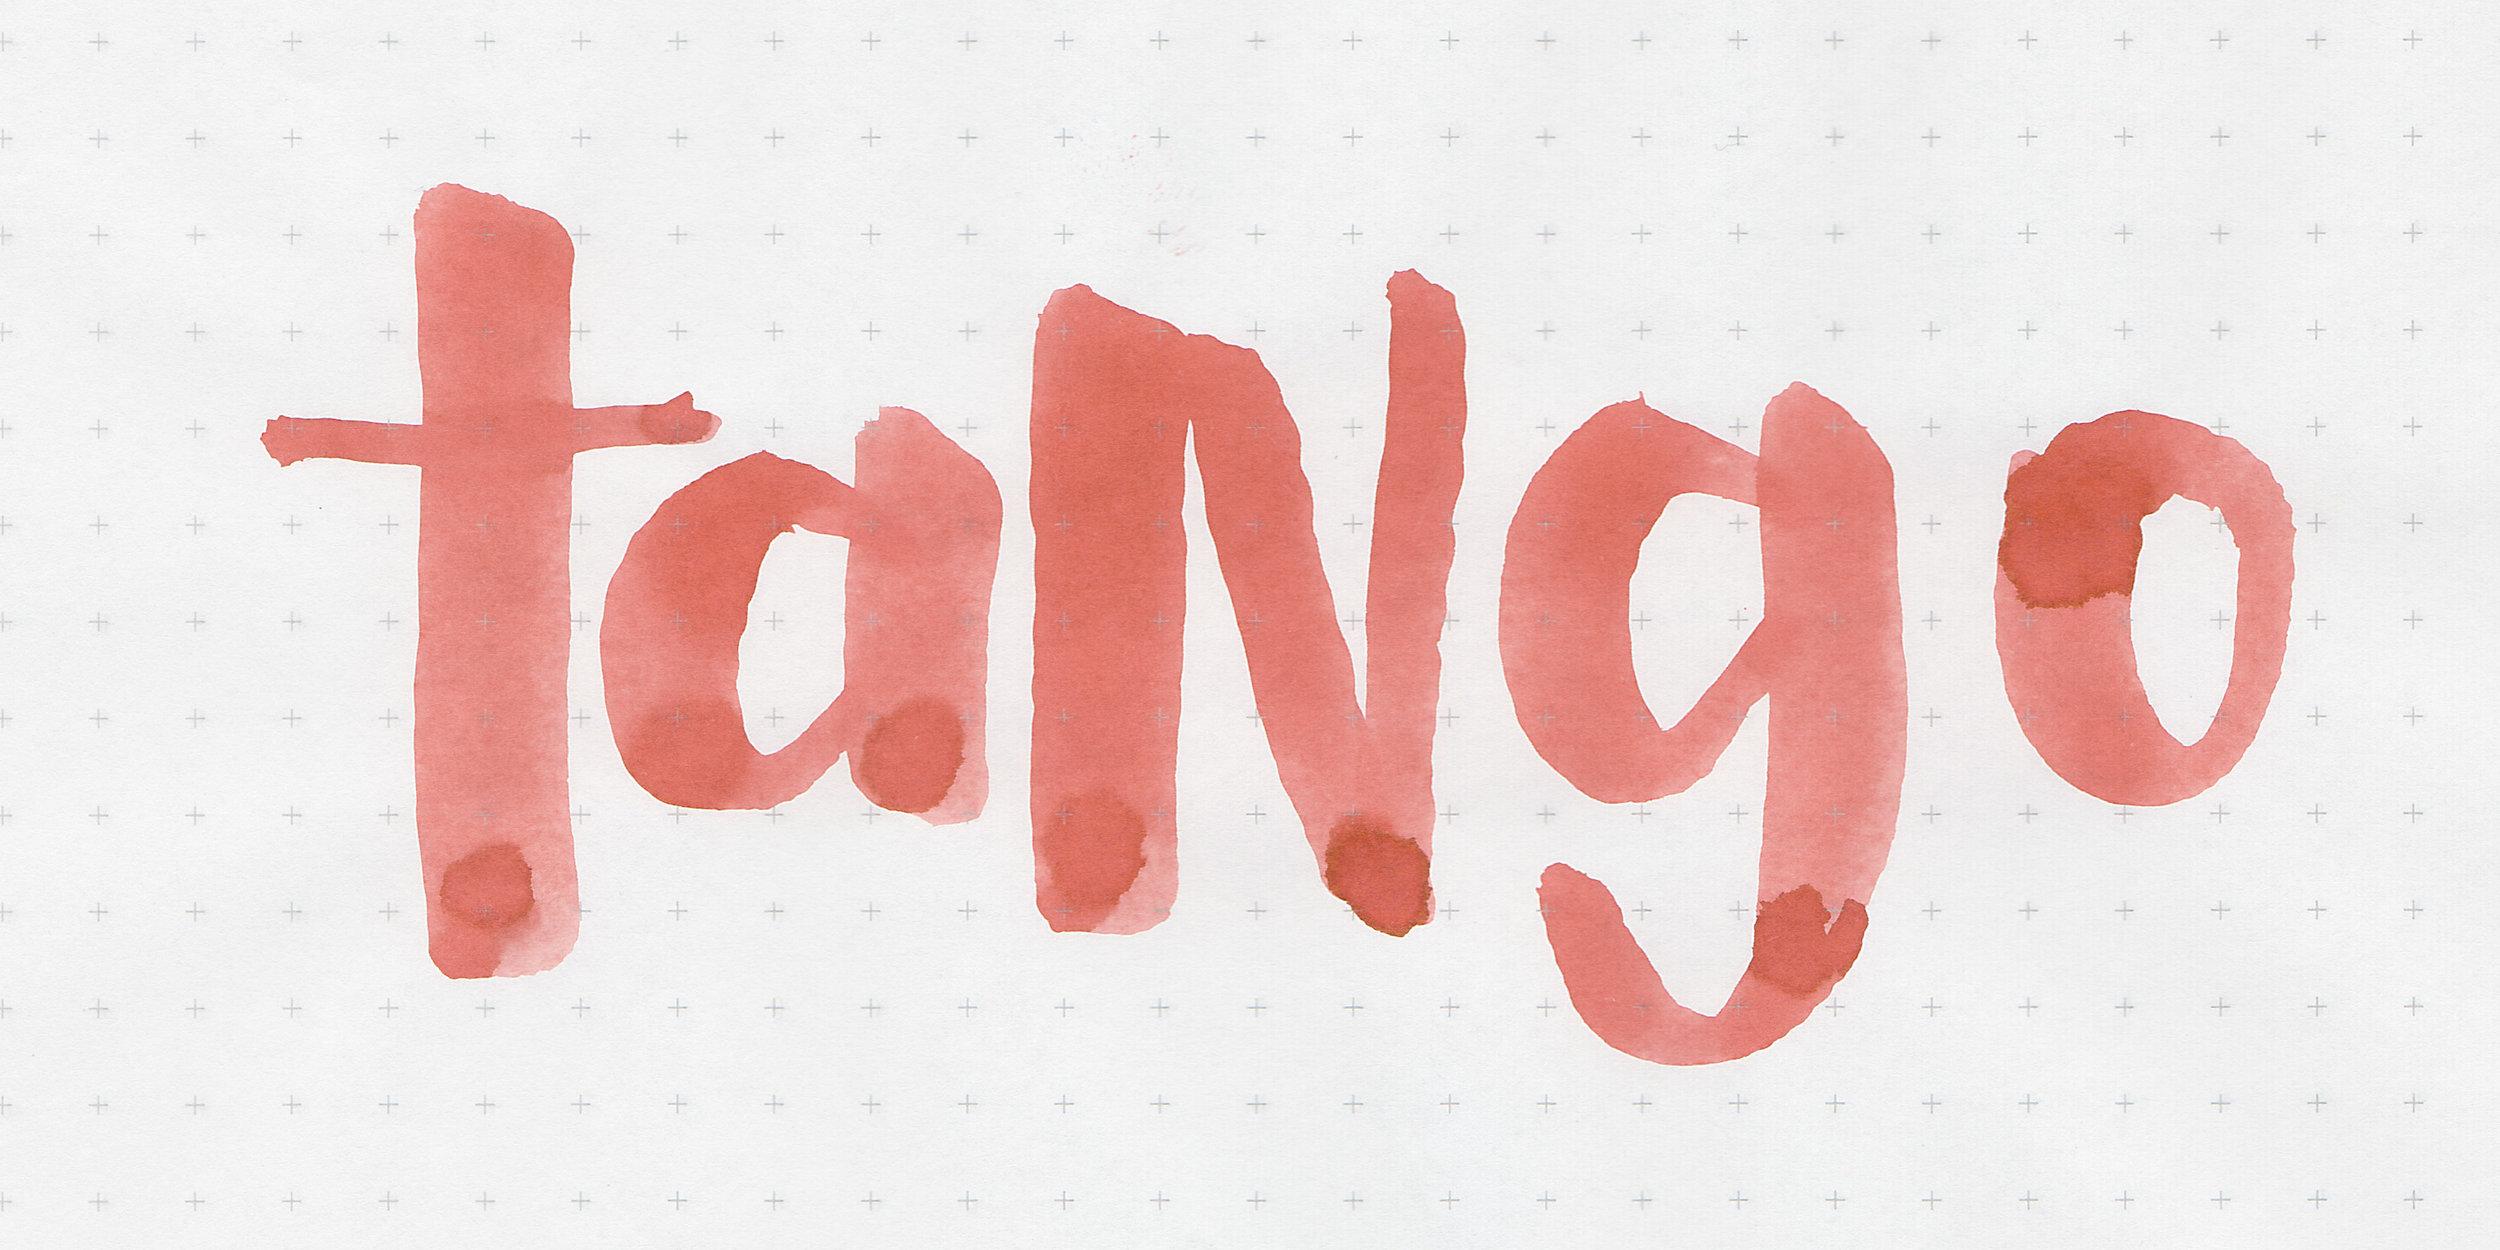 cv-tango-4.jpg